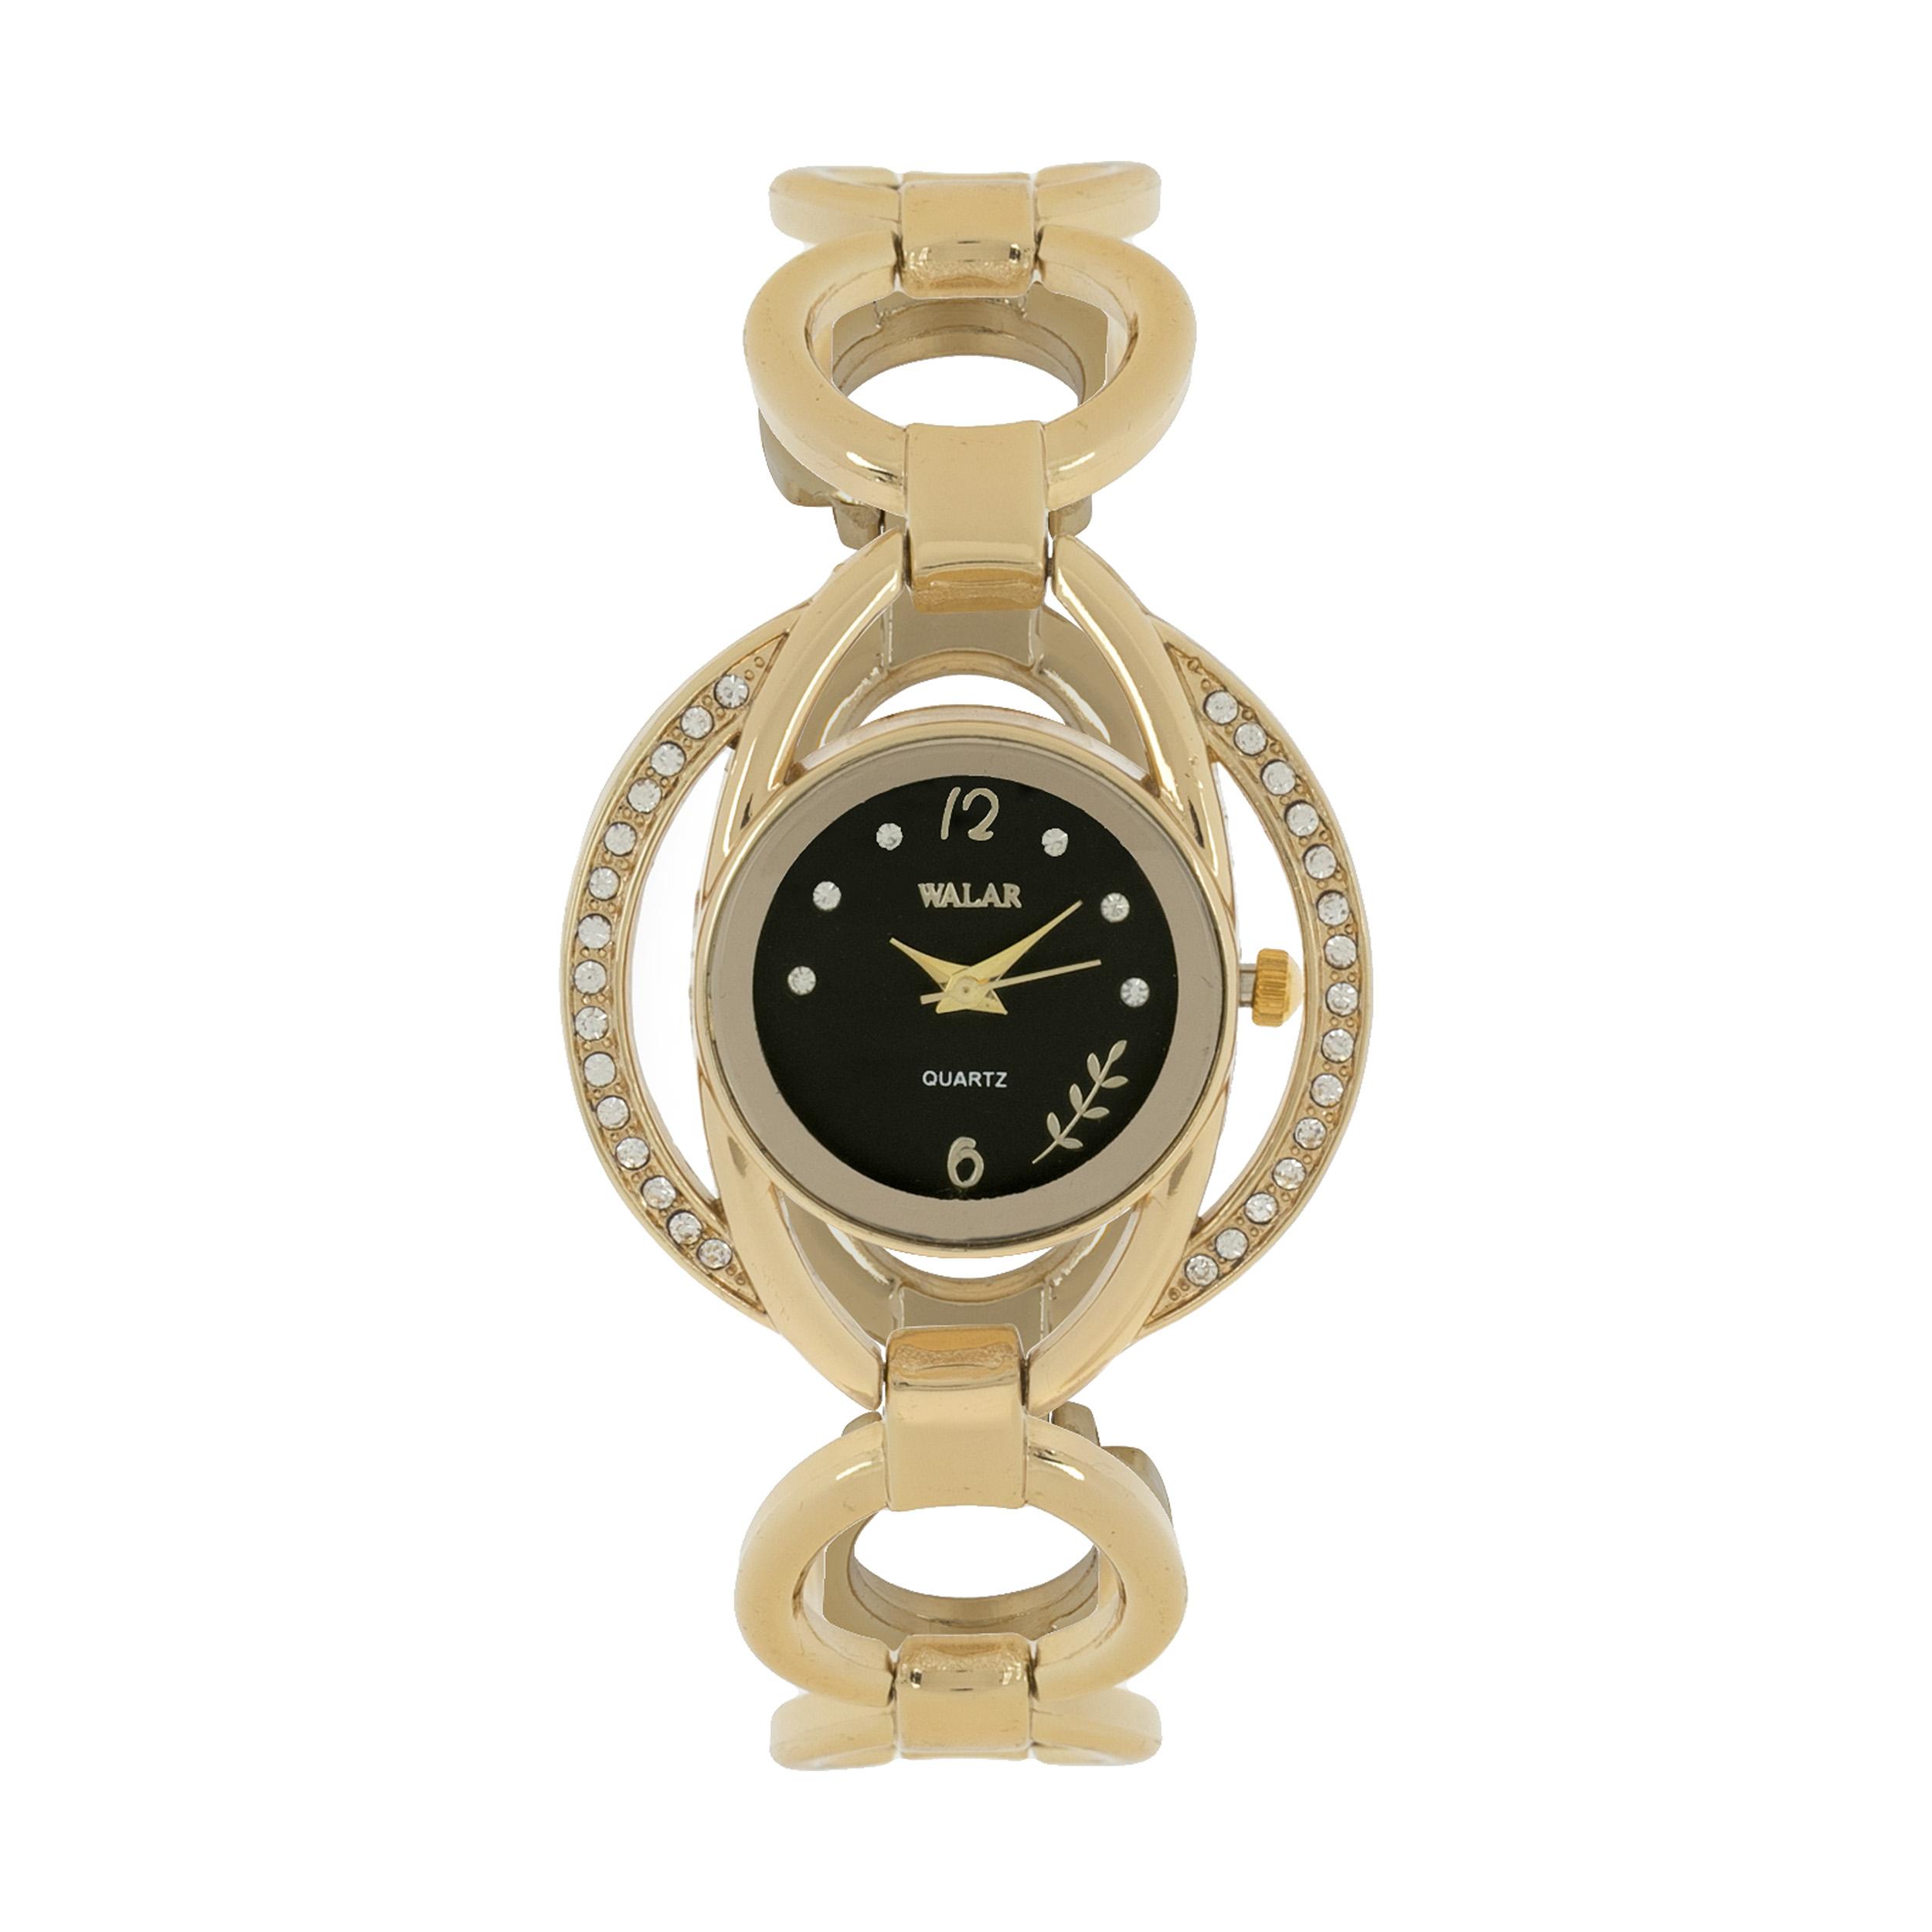 ساعت مچی عقربه ای زنانه والار مدل LR5678